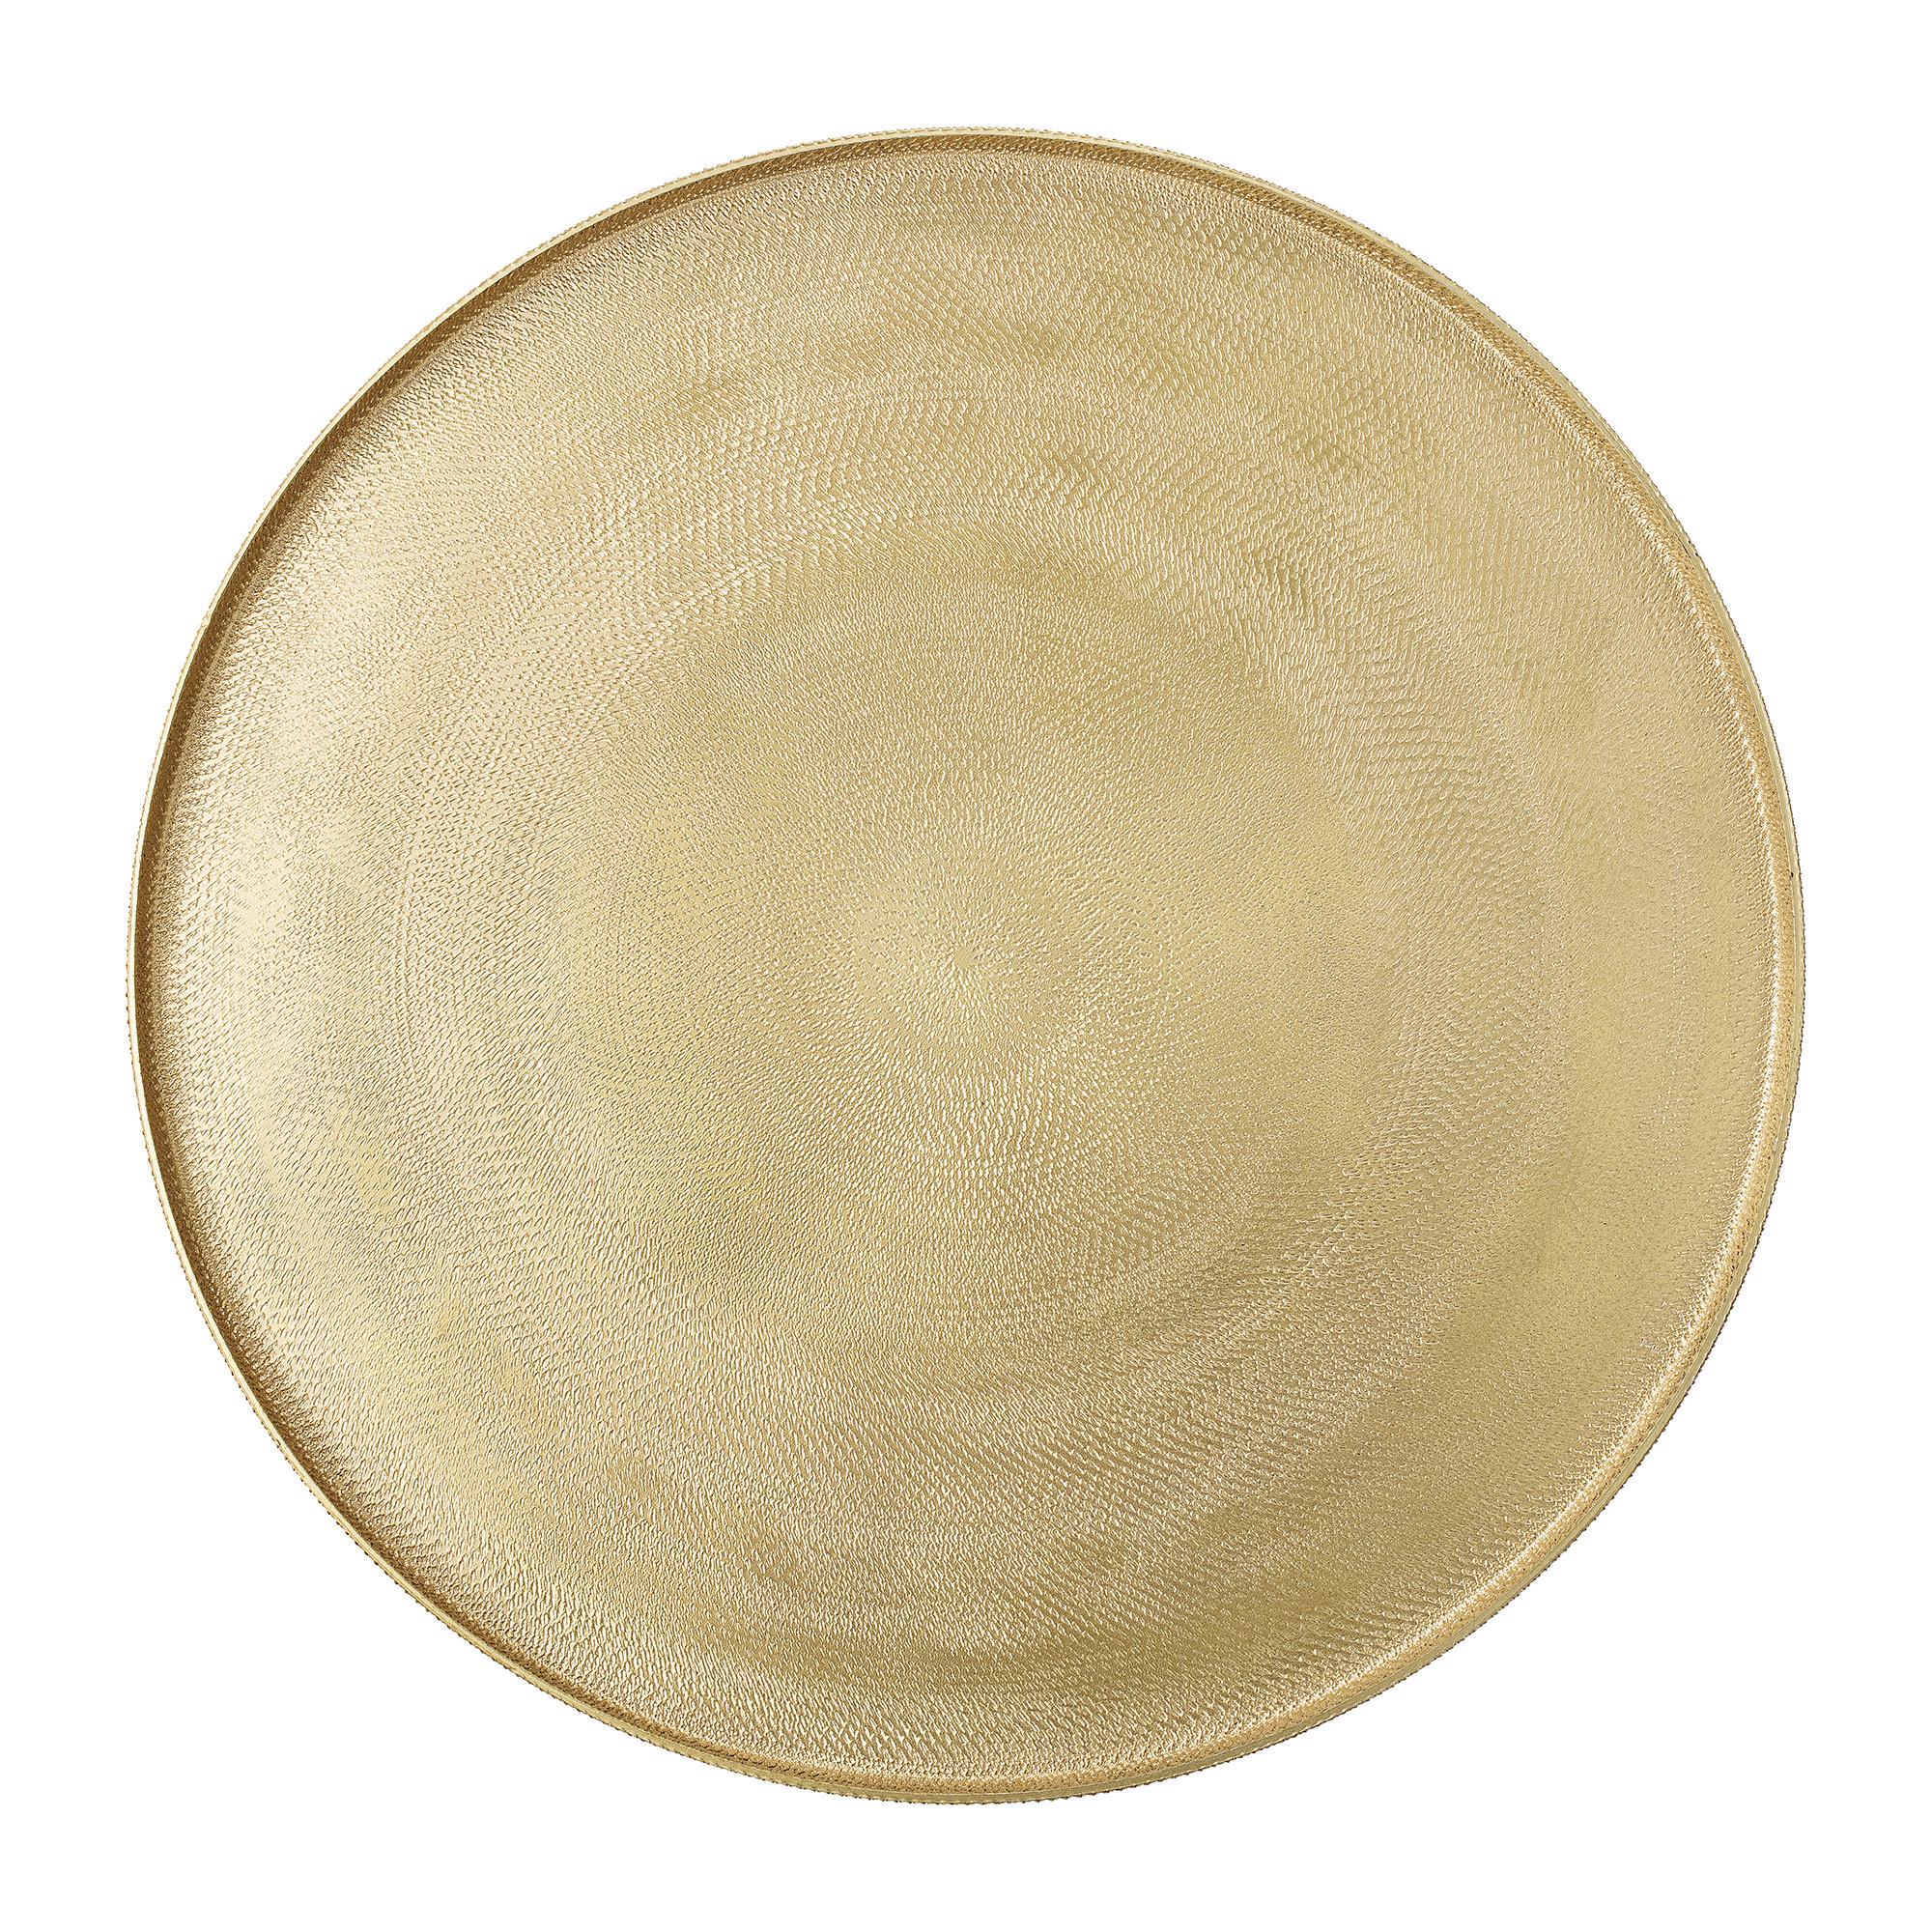 Bloomingville Dienblad_goudkleur_Ø30 x H1 cm